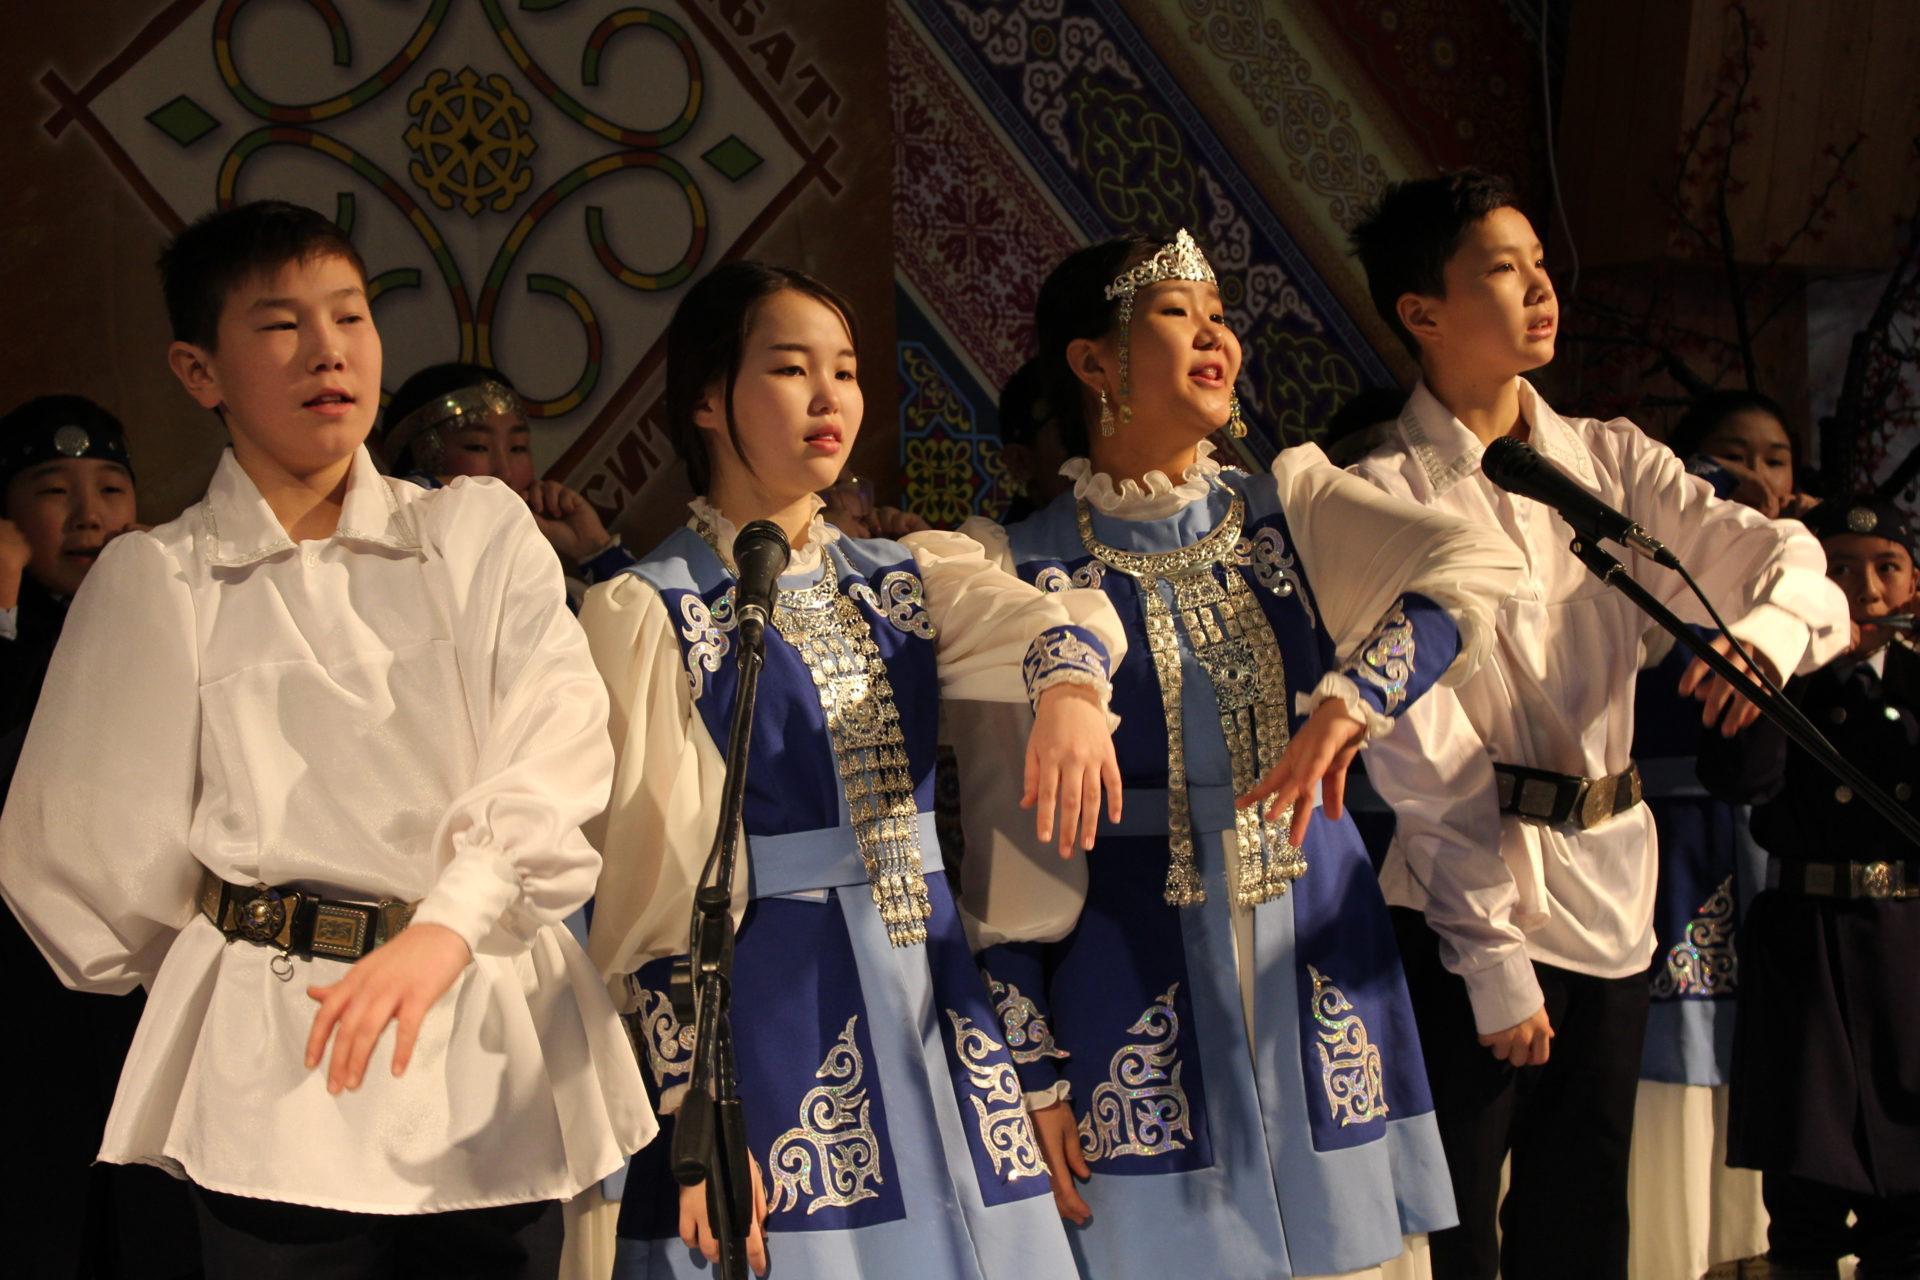 В Якутске пройдет фольклорный фестиваль «Өбүгэ быстыбат ситимэ»